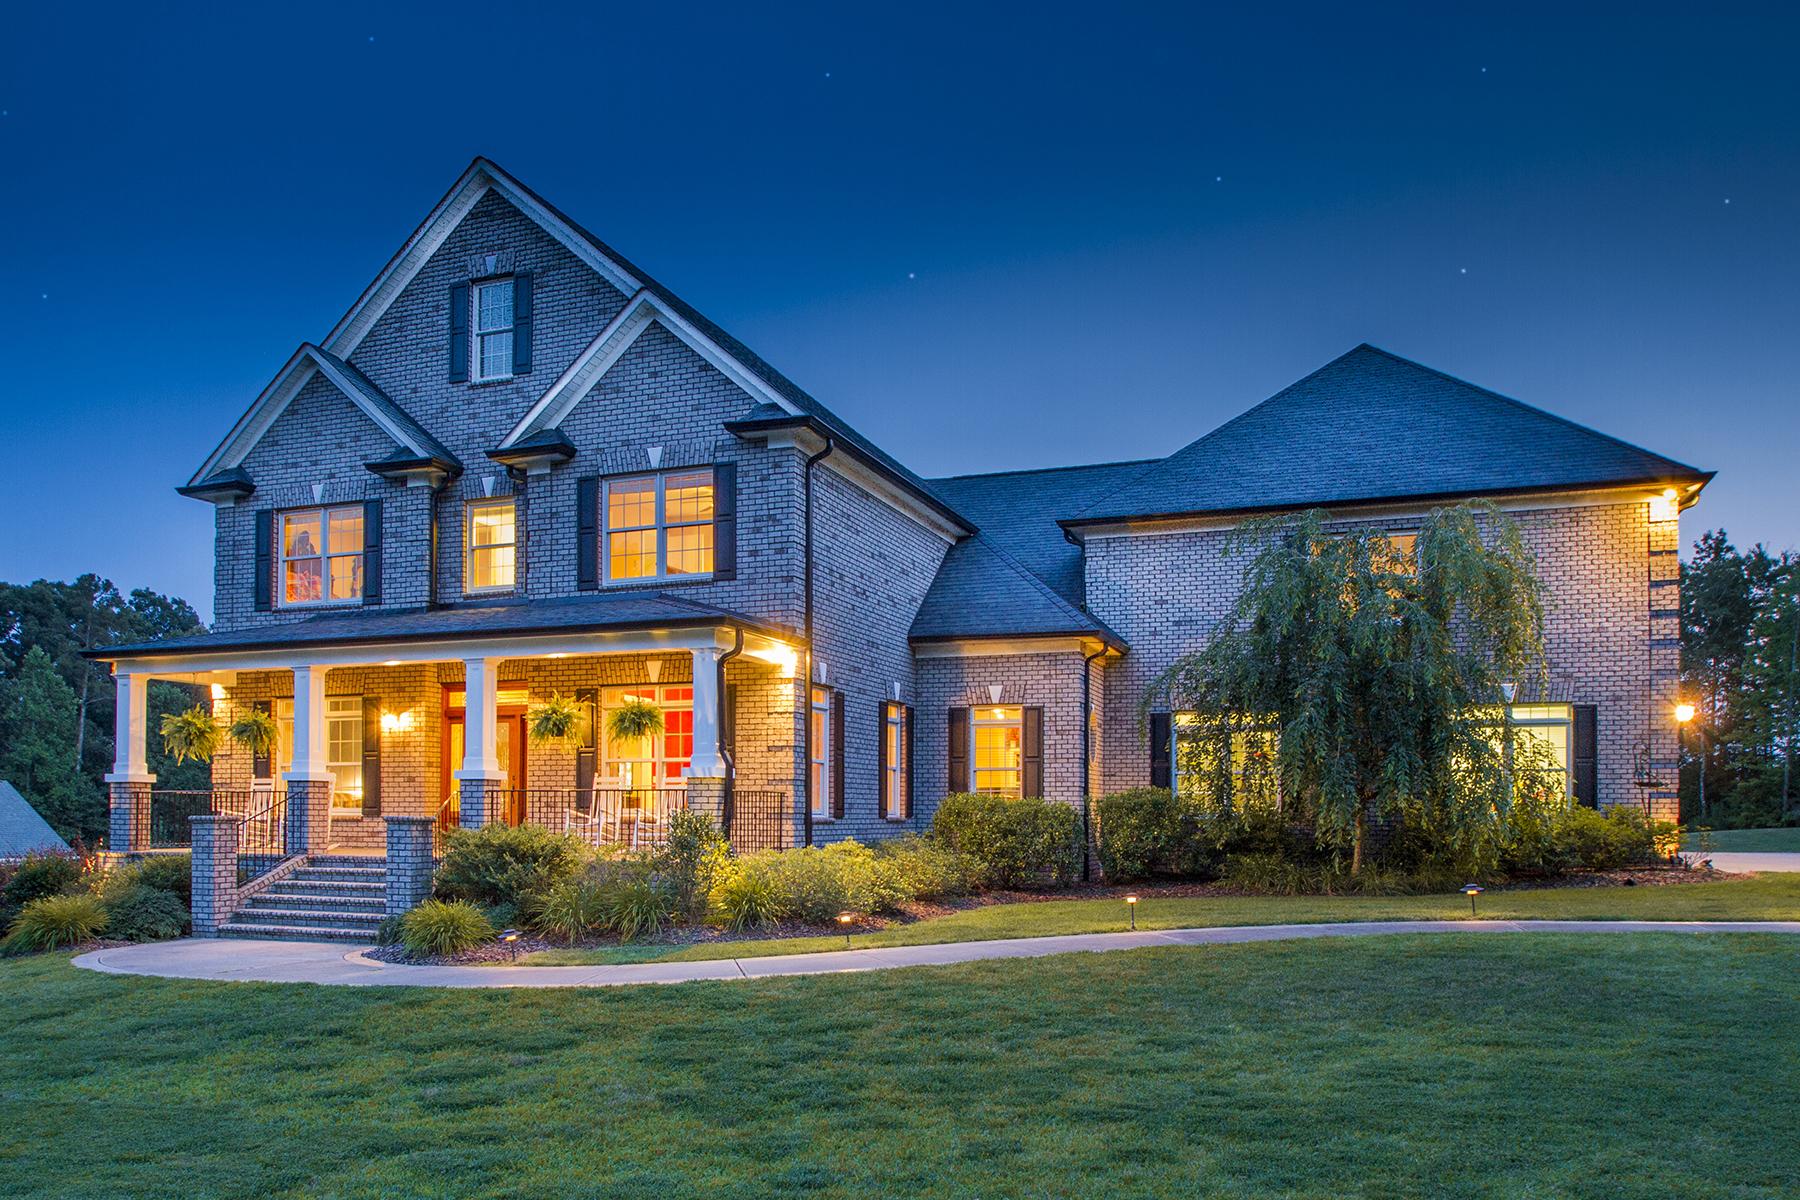 獨棟家庭住宅 為 出售 在 AUSTIN OAKS 110 Berea Baptist Church Rd Stanfield, 北卡羅來納州 28163 美國